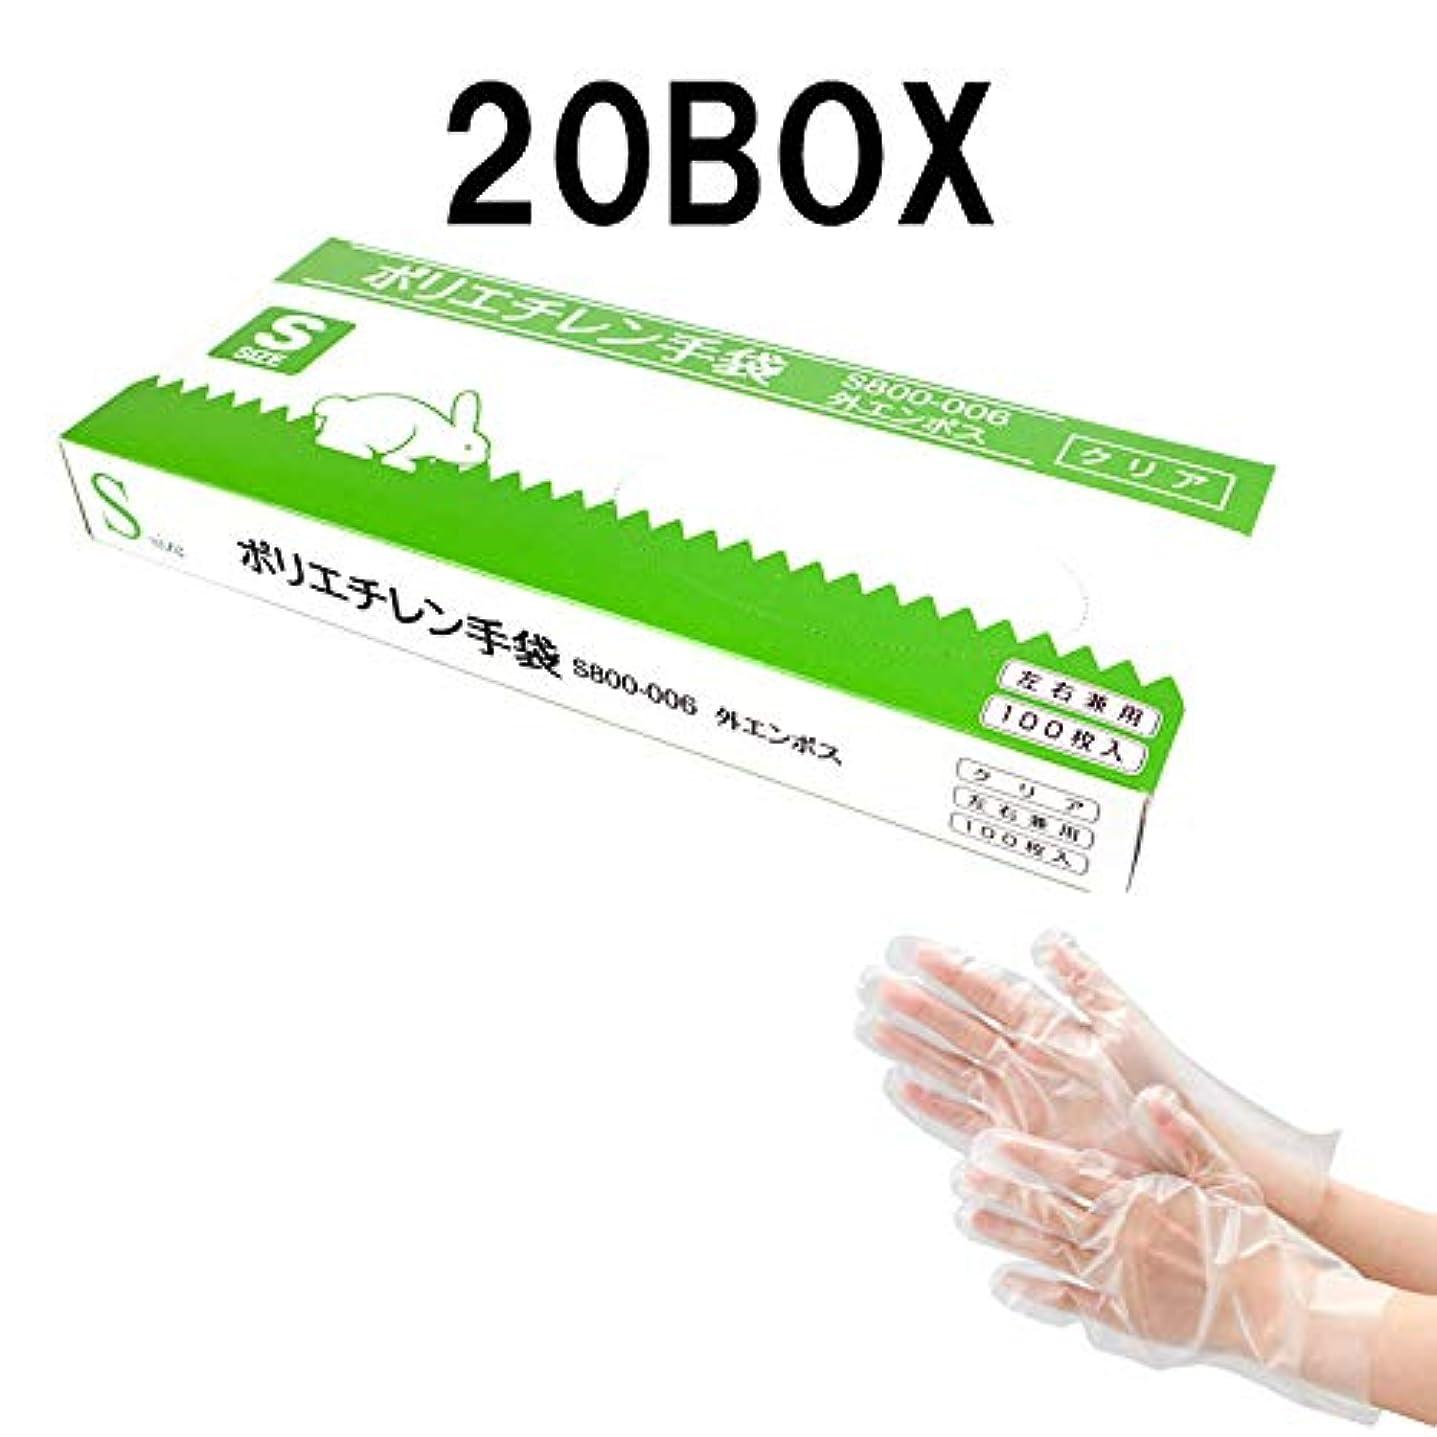 動脈揃えるケーブルカー(2000枚) 使い捨て ポリエチレン手袋 Sサイズ 100枚入り×20BOX クリア色 左右兼用 外エンボス 食品衛生法適合品